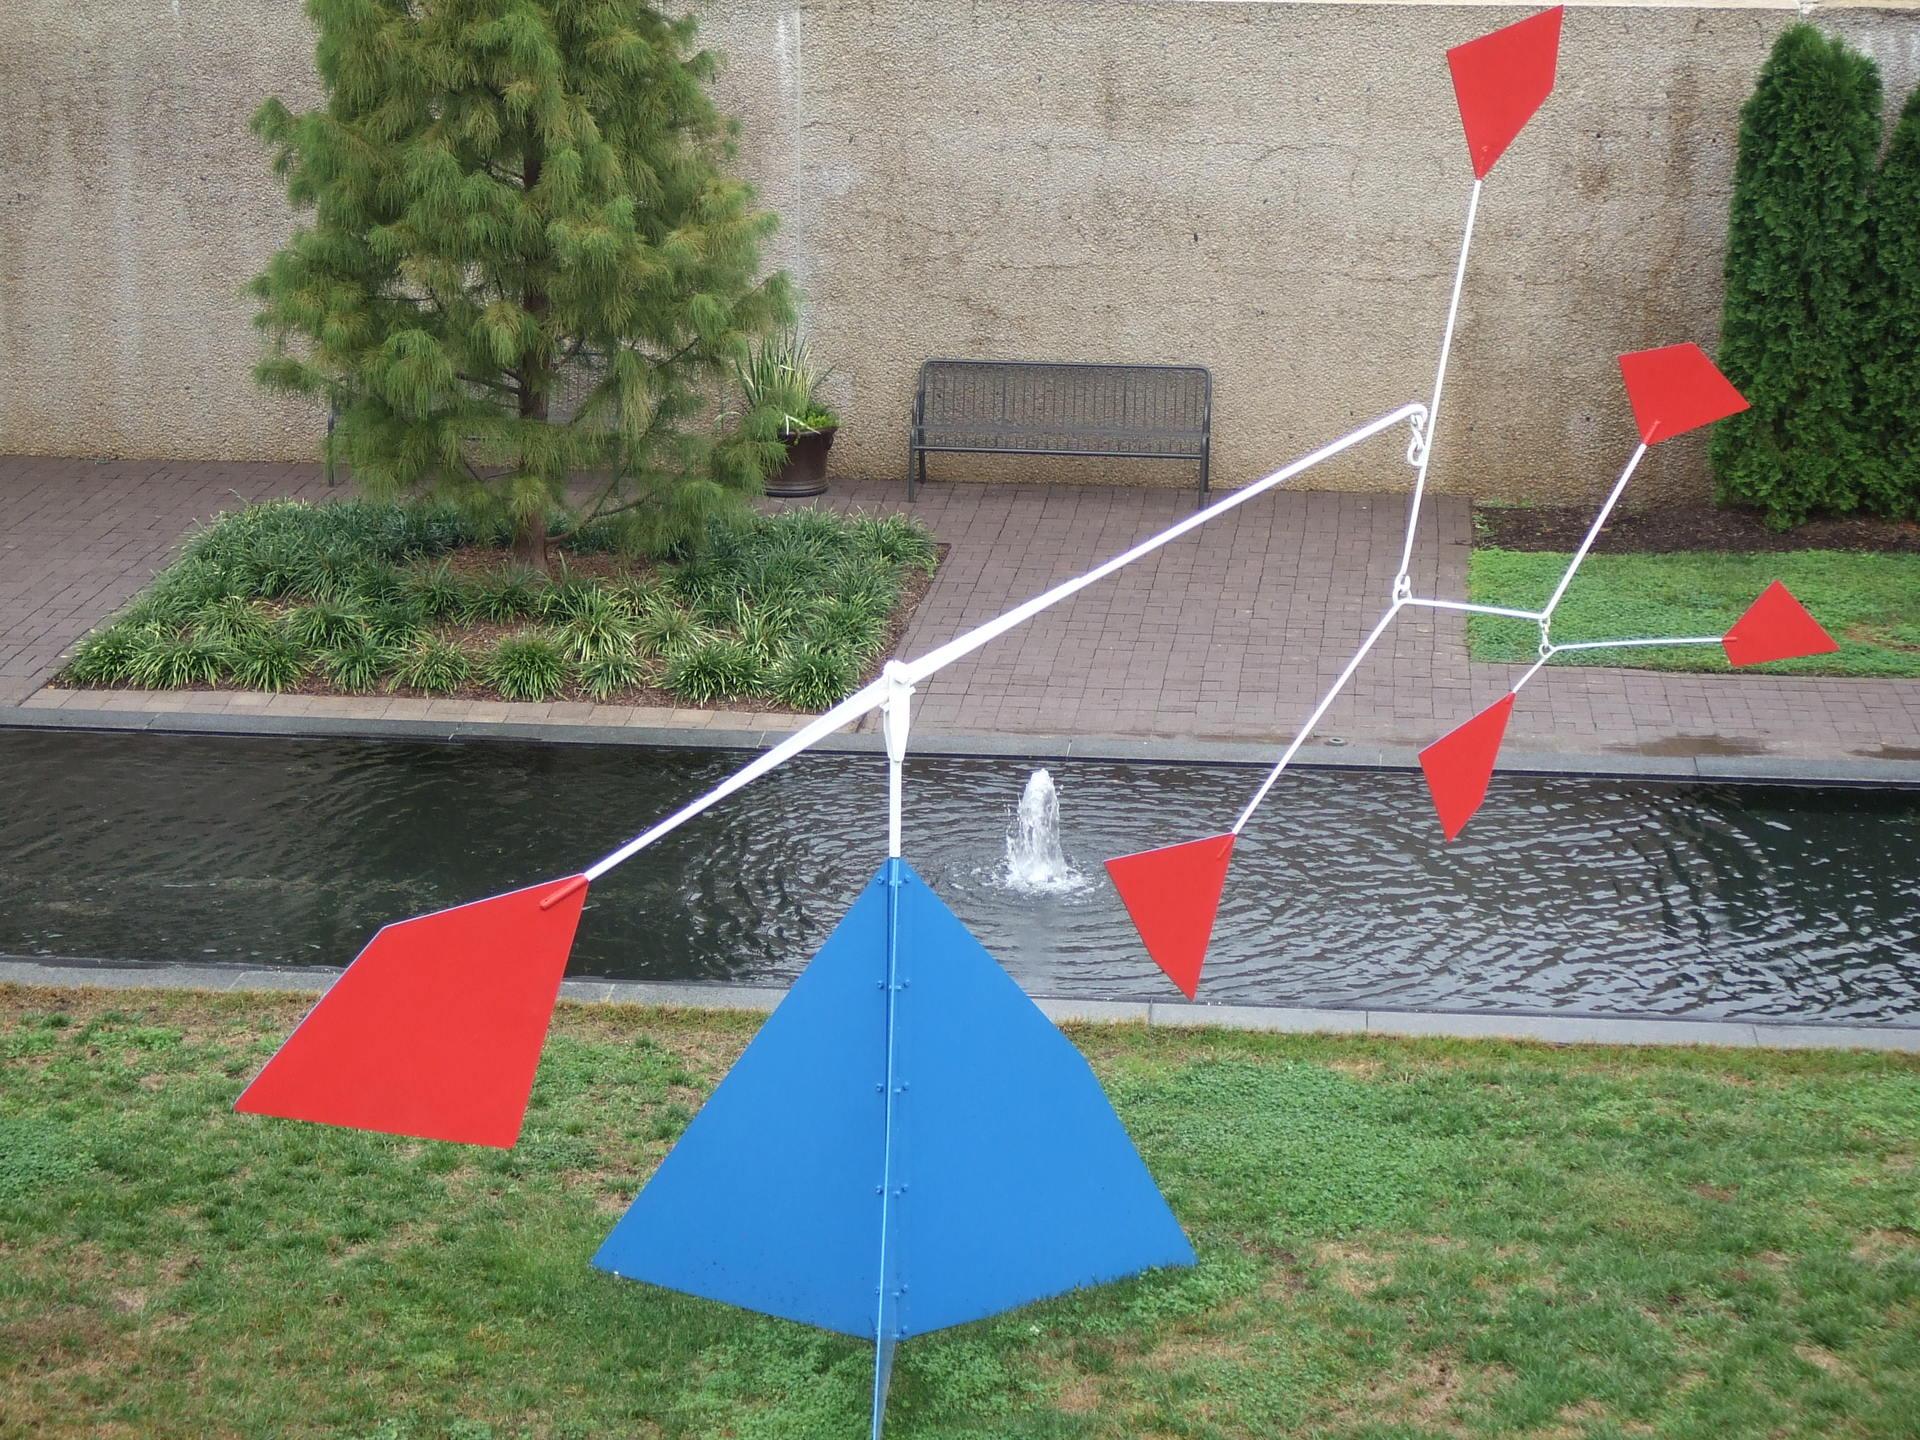 Mobile by Alexander Calder